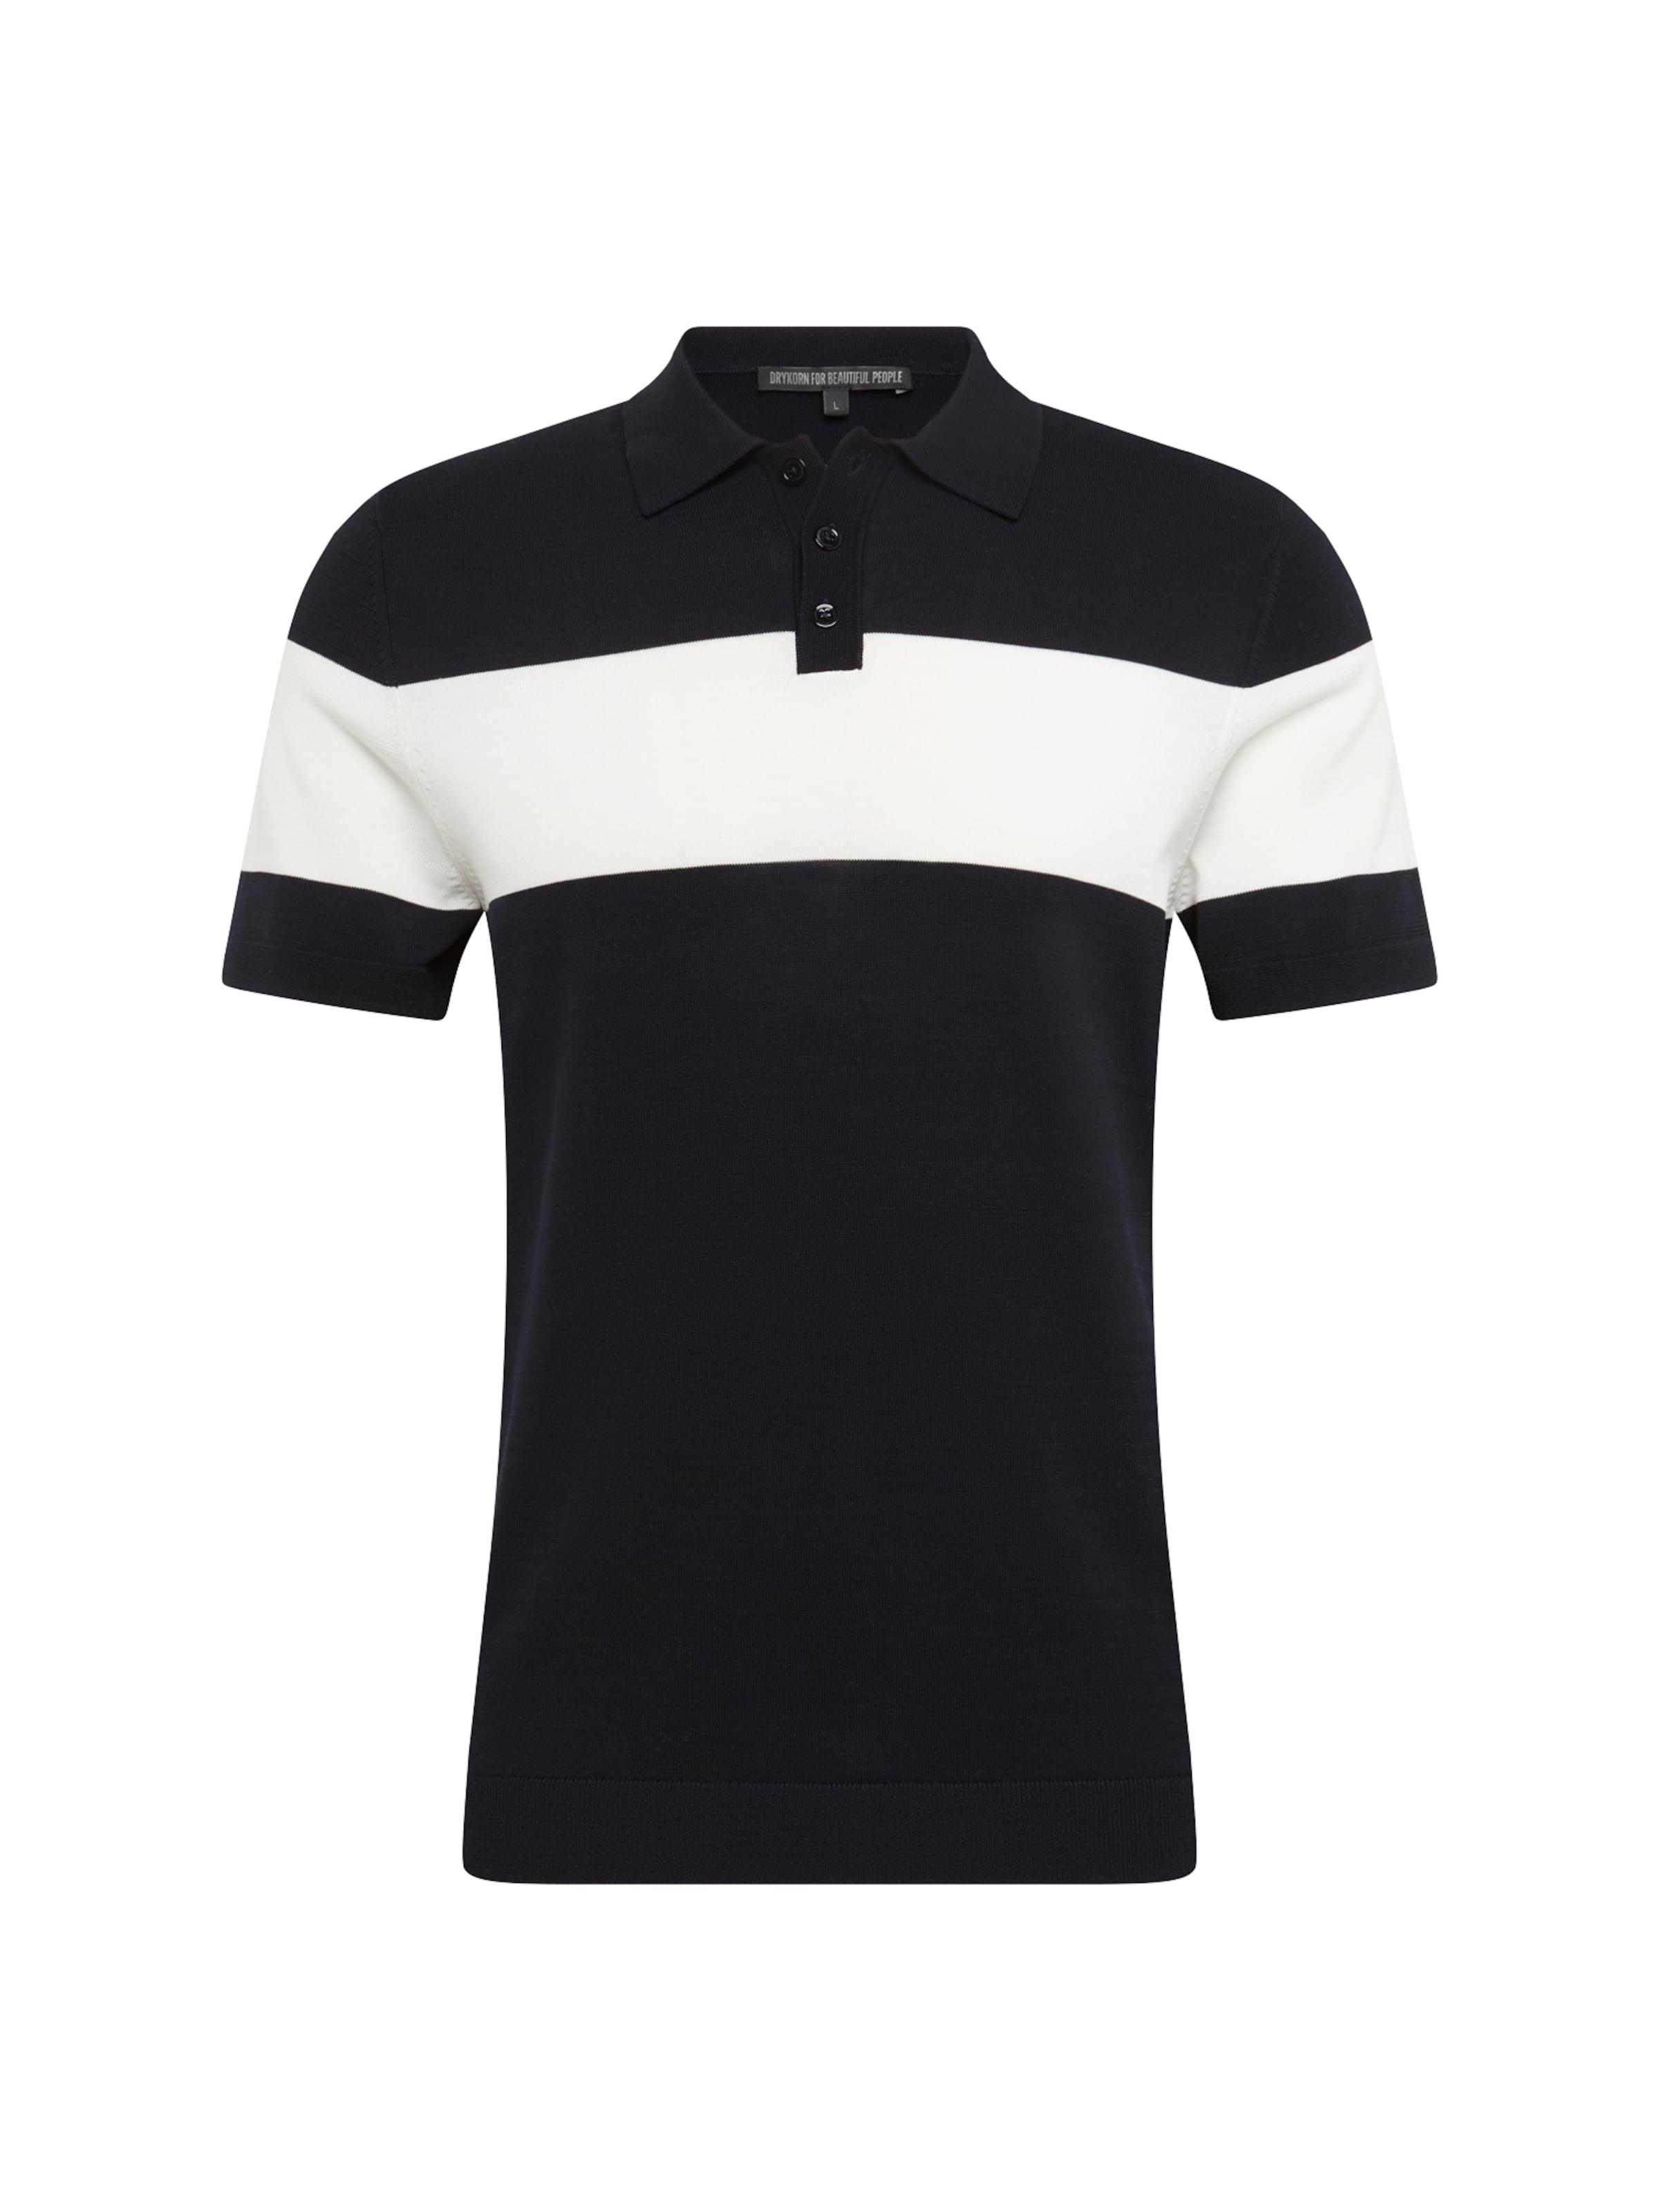 Drykorn NoirBlanc shirt T En 'triton' pzUVqSM